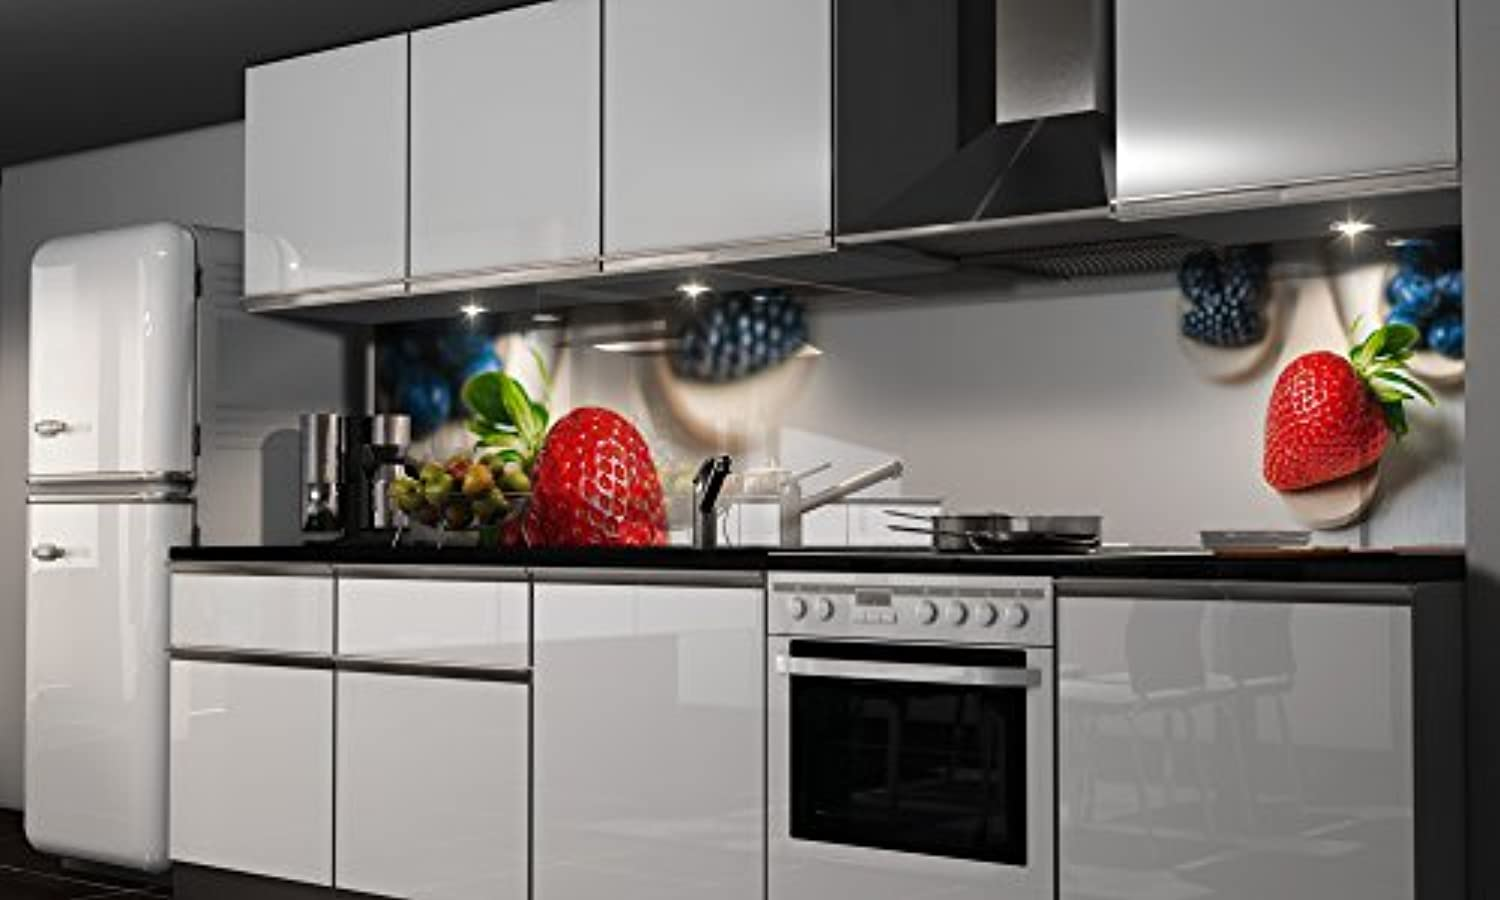 Küchenrückwand-Folie die Erdbeere Klebefolie Klebefolie ...